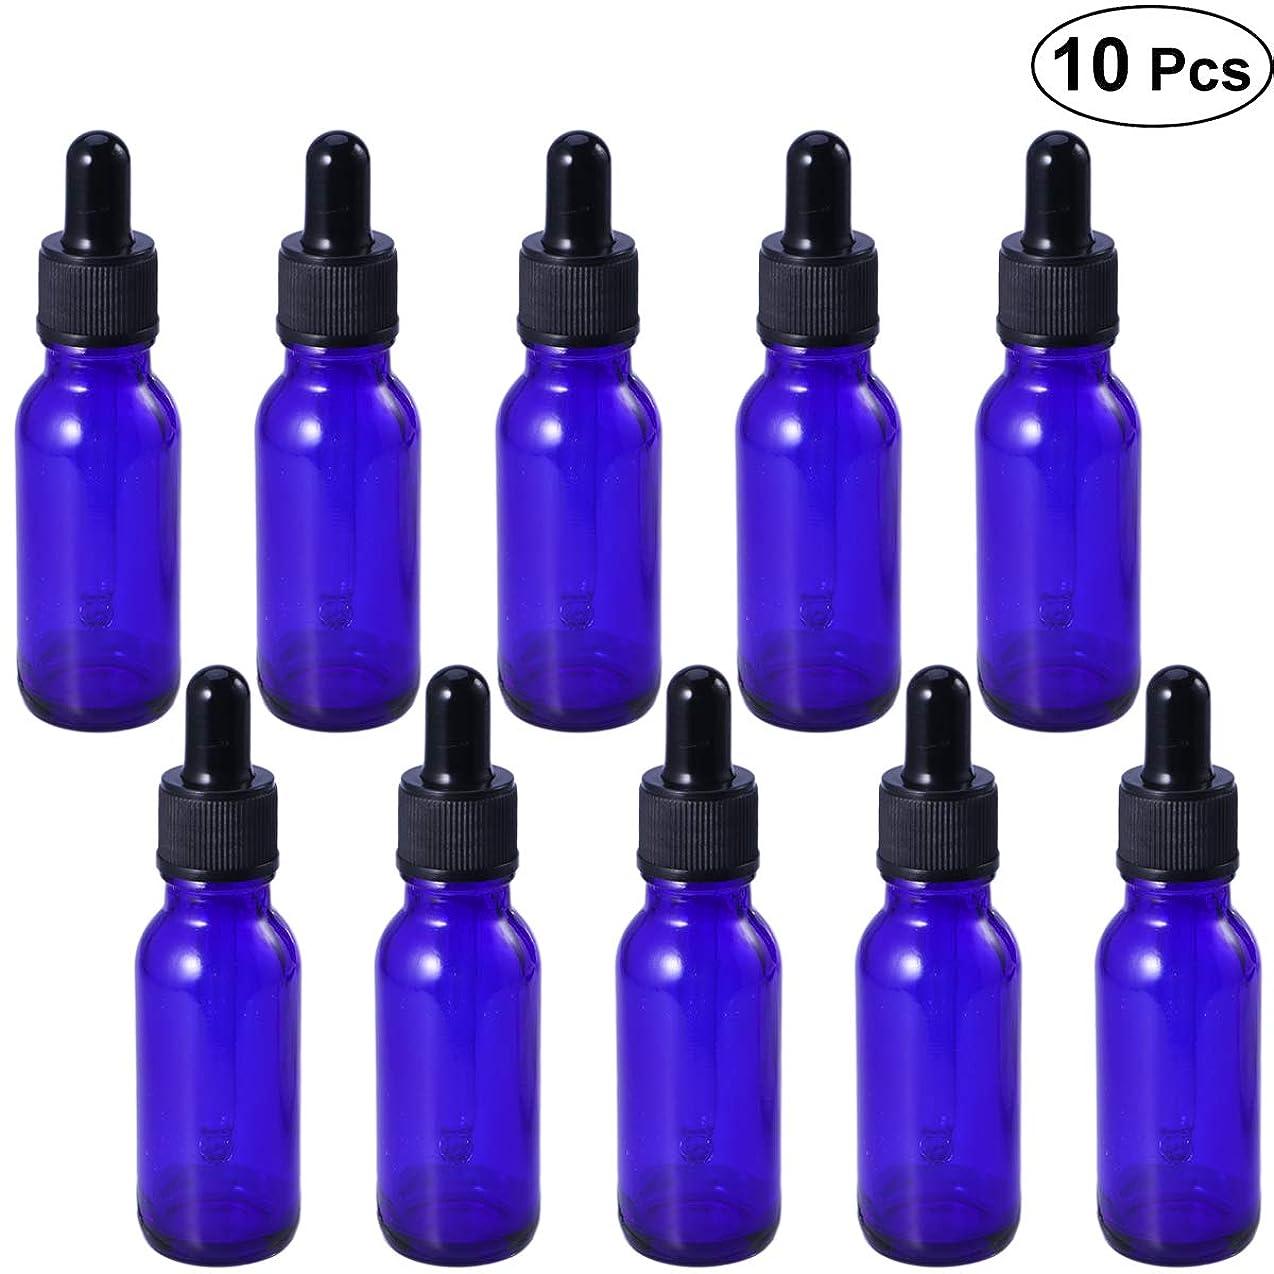 信号精緻化地下Frcolor 遮光瓶 スポイト遮光瓶 20ml 青色 スポイト付き アロマボトル 保存容器 エッセンシャルオイル 香水保存用 詰替え ガラス 10個セット